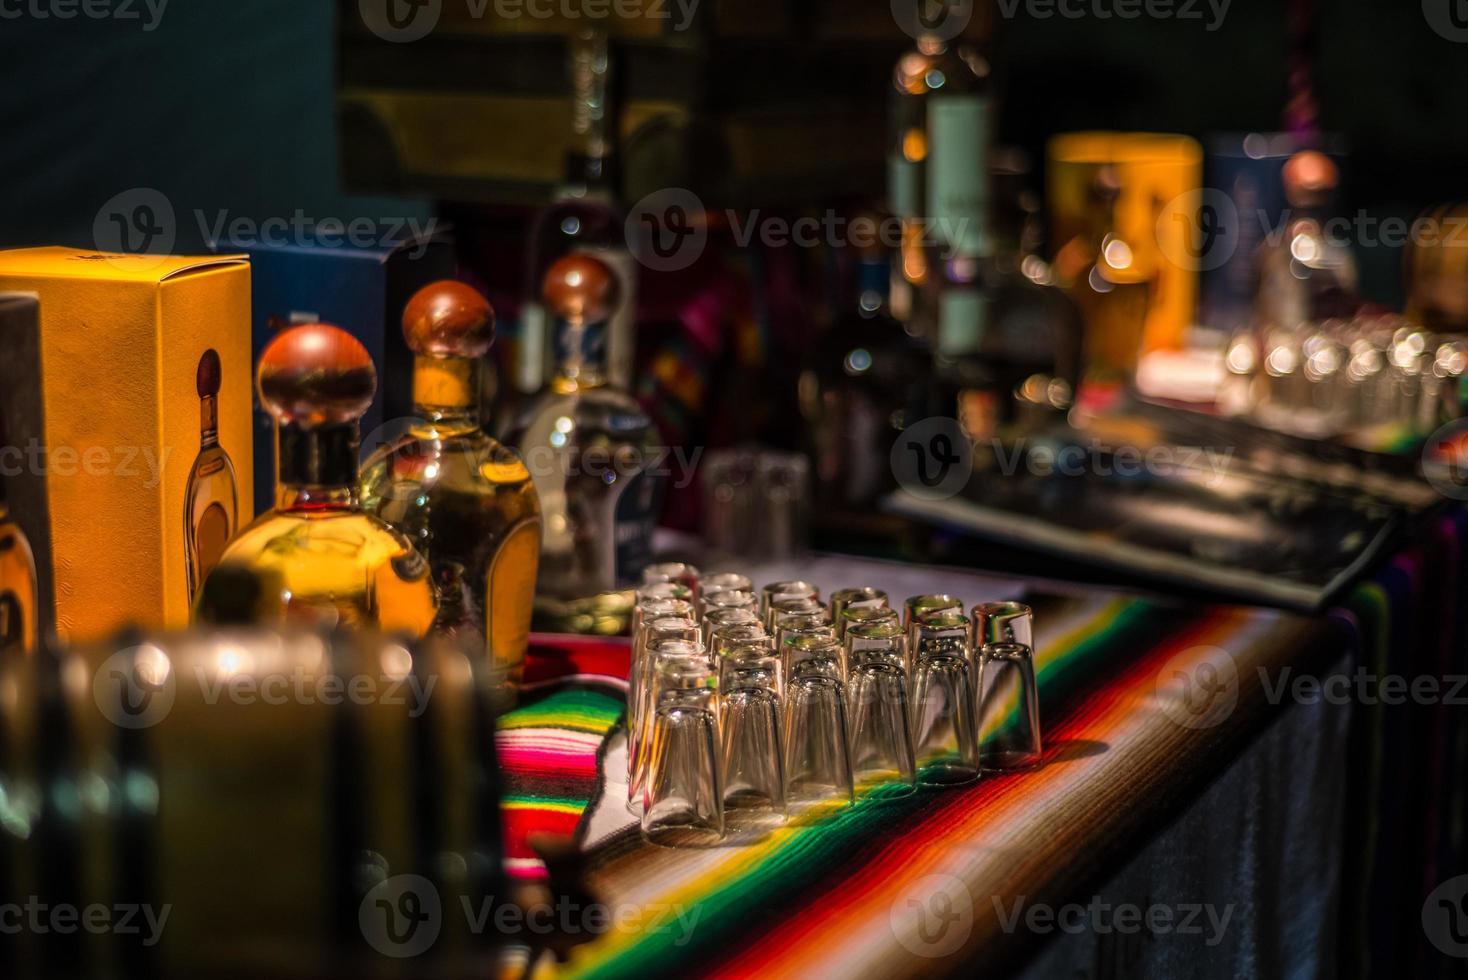 evento de tequila en mexico. Degustación de mezcal y tequila. foto